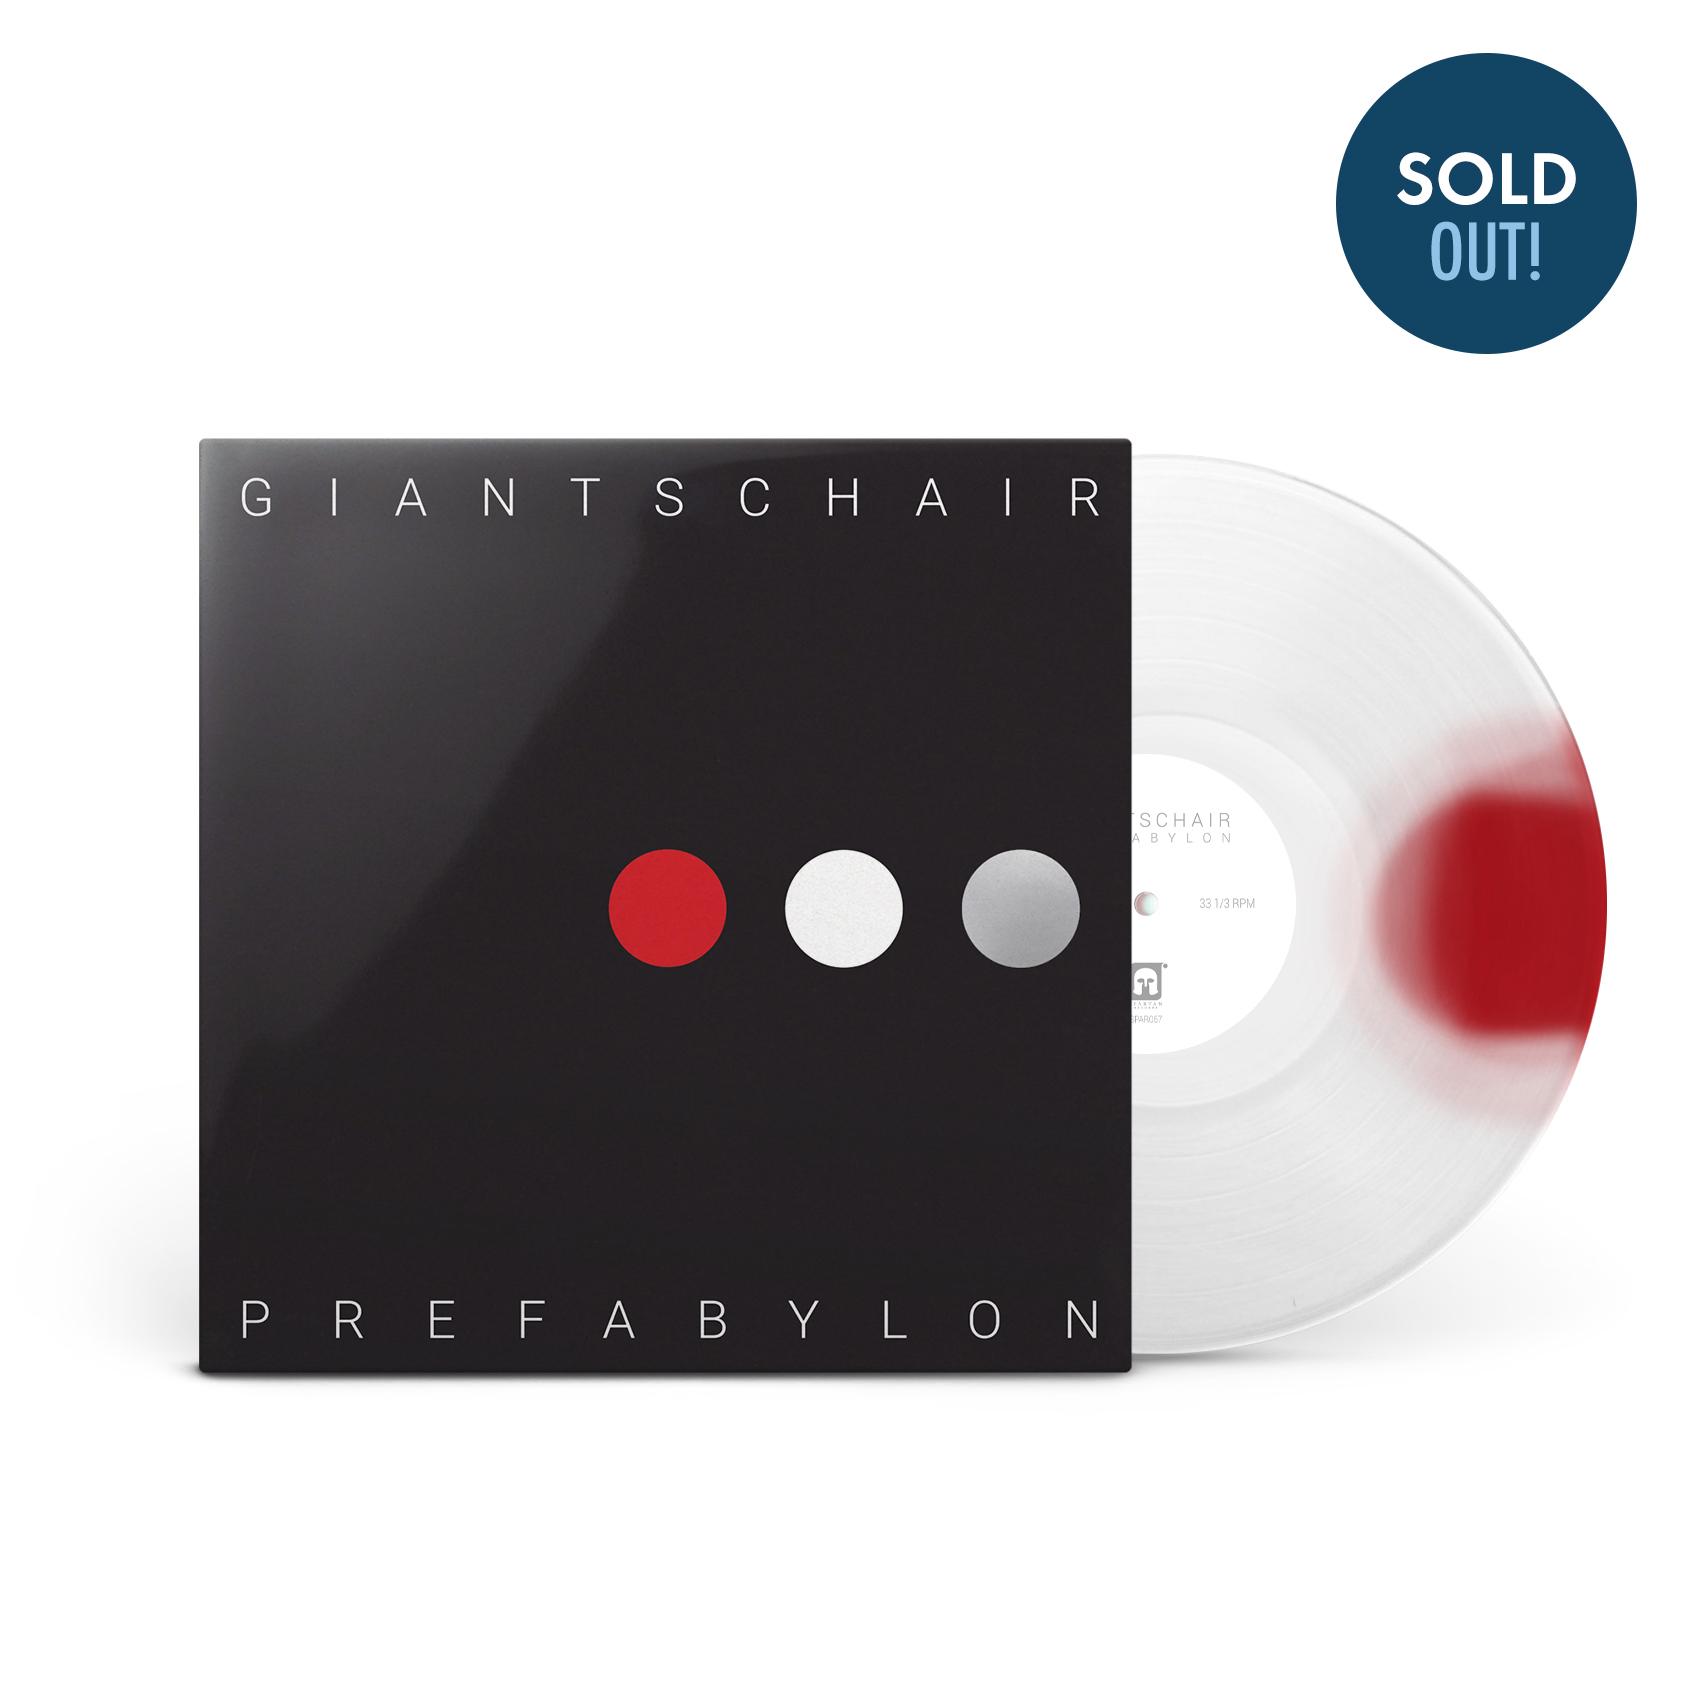 Giants Chair - Prefabylon